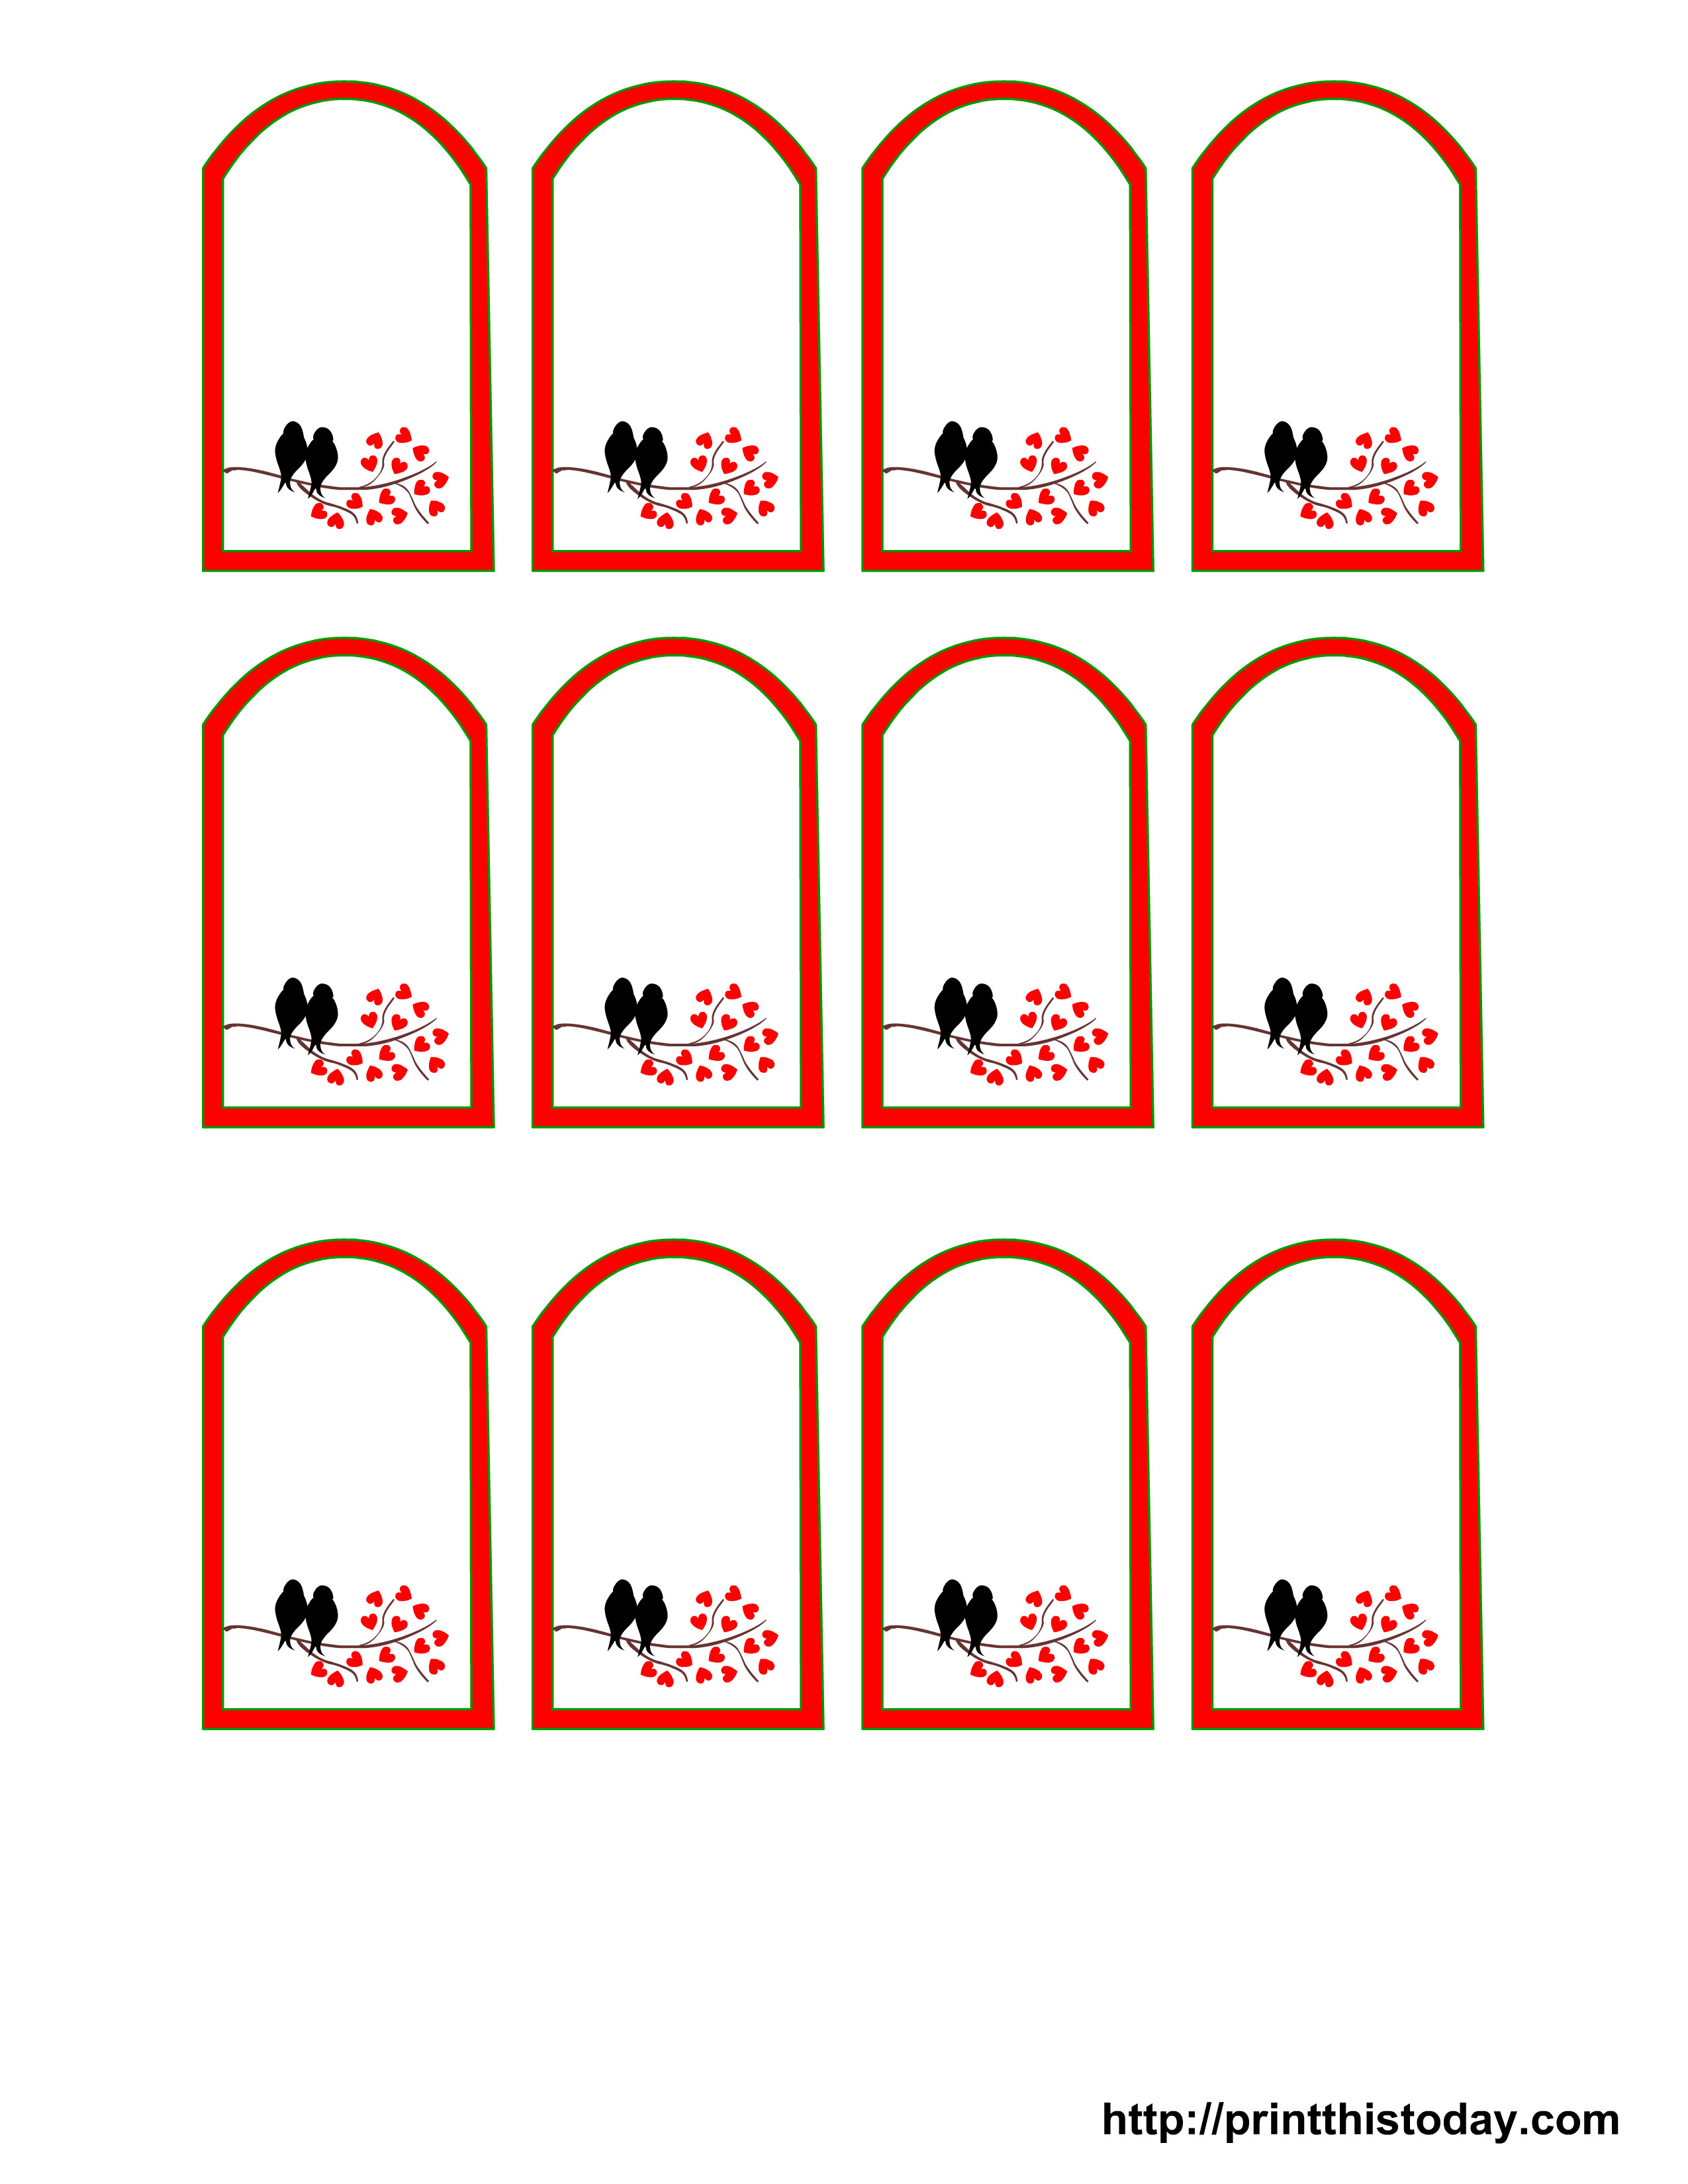 Printable Wedding Favor Tags Free Printable Wedding Favor Tags